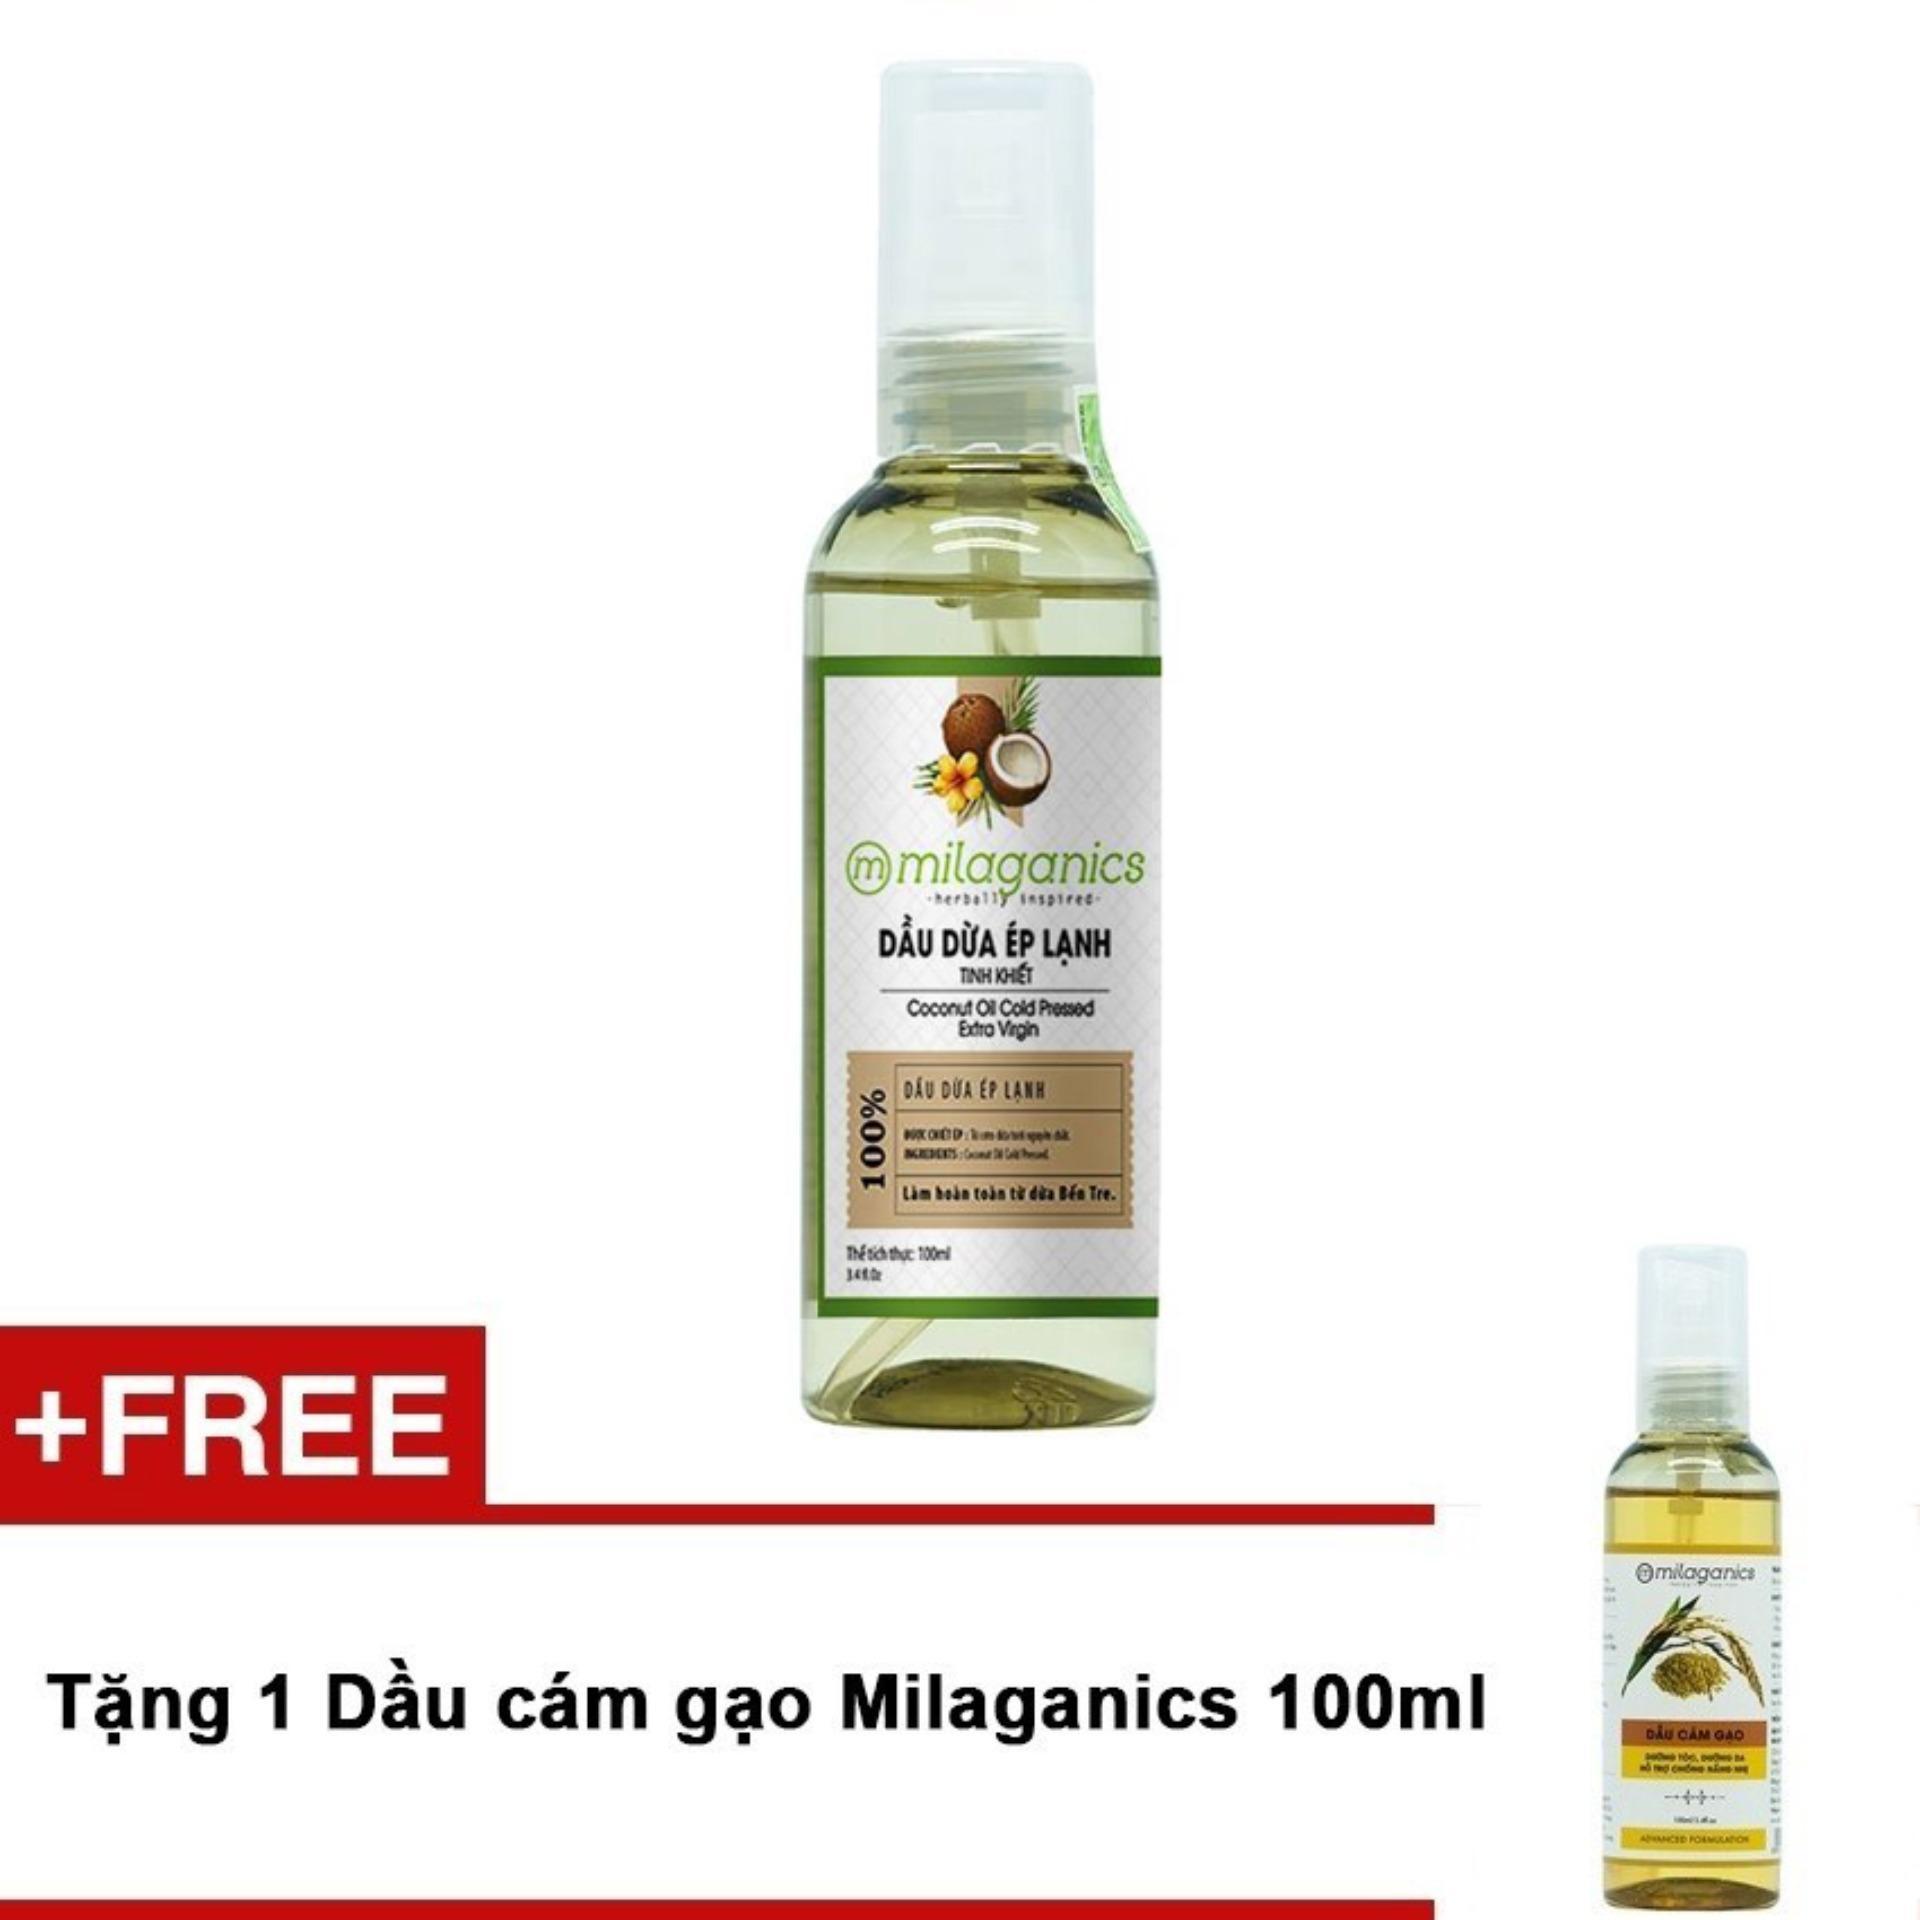 Dầu dừa ép lạnh tinh khiết Milaganics 100ml + Tặng dầu cám gạo Milaganics 100ml